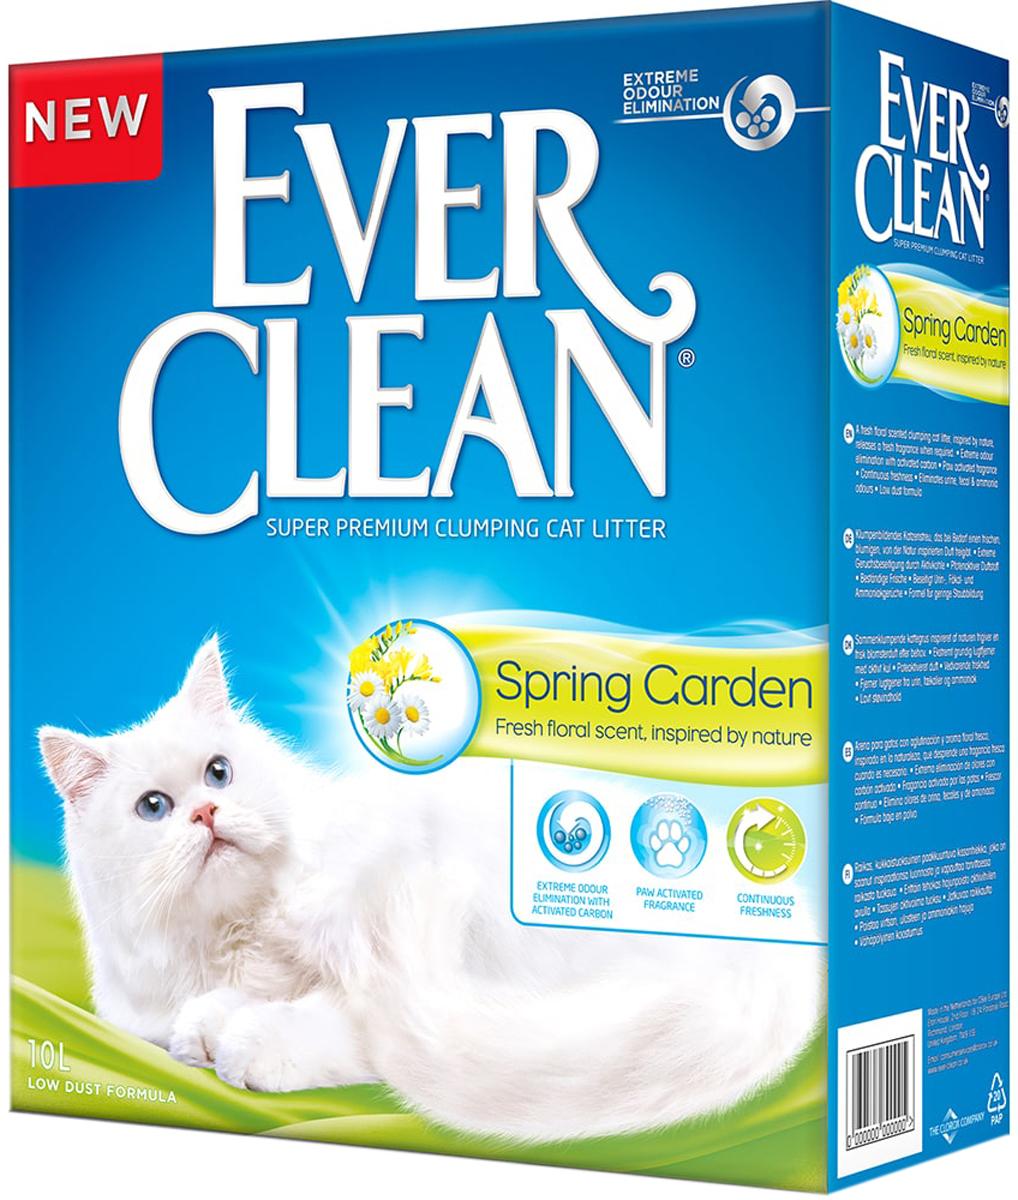 Фото - Ever Clean Spring Garden наполнитель комкующийся для туалета кошек с ароматизатором весенний сад (6 + 6 л) комкующийся наполнитель